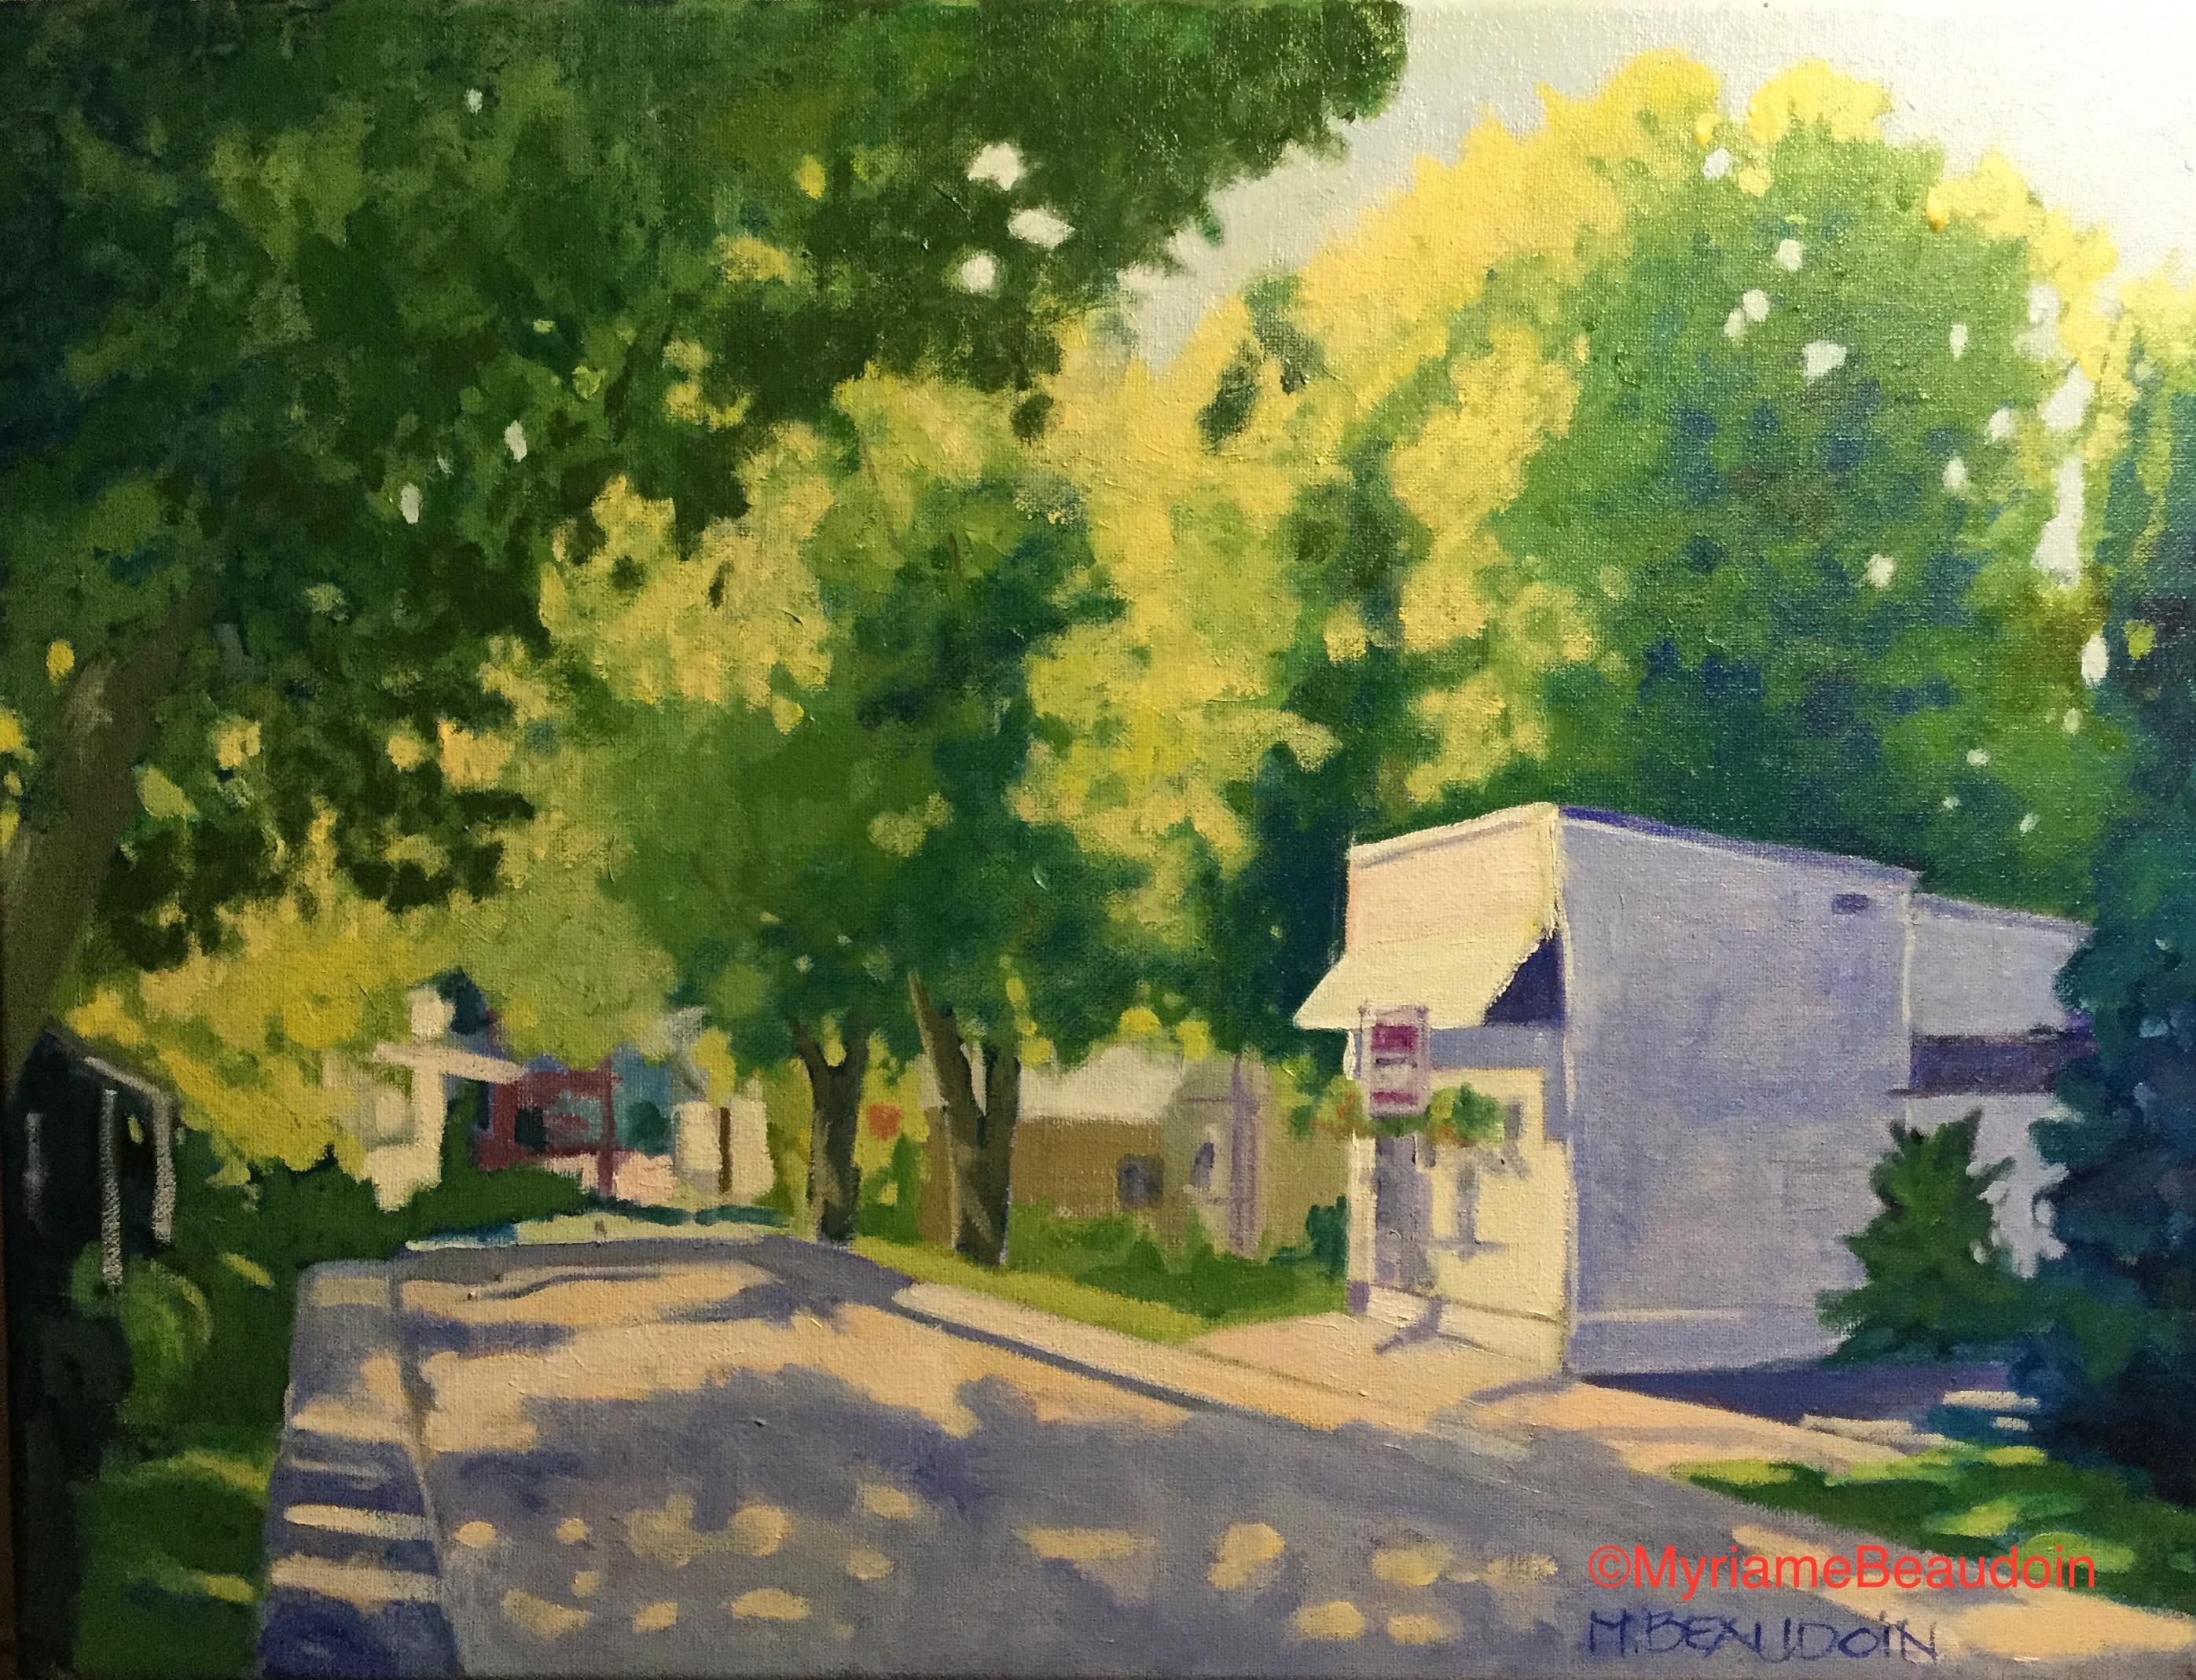 rue deMontbrunt, Boucherville